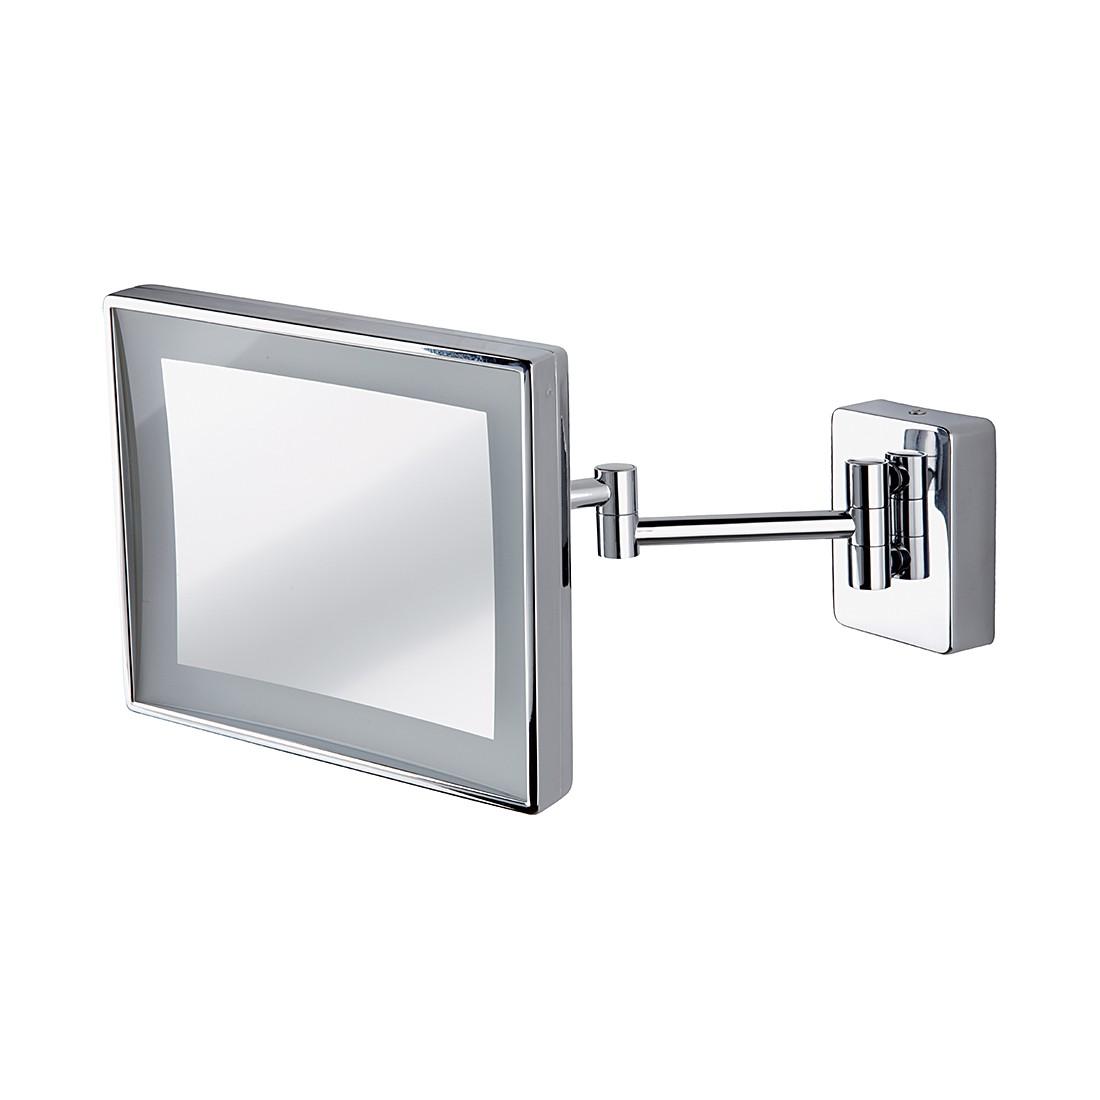 Wandspiegel Alex – Chrom, LED-Beleuchtung, 3-fache Vergrößerung, Nicol-Wohnausstattungen günstig kaufen